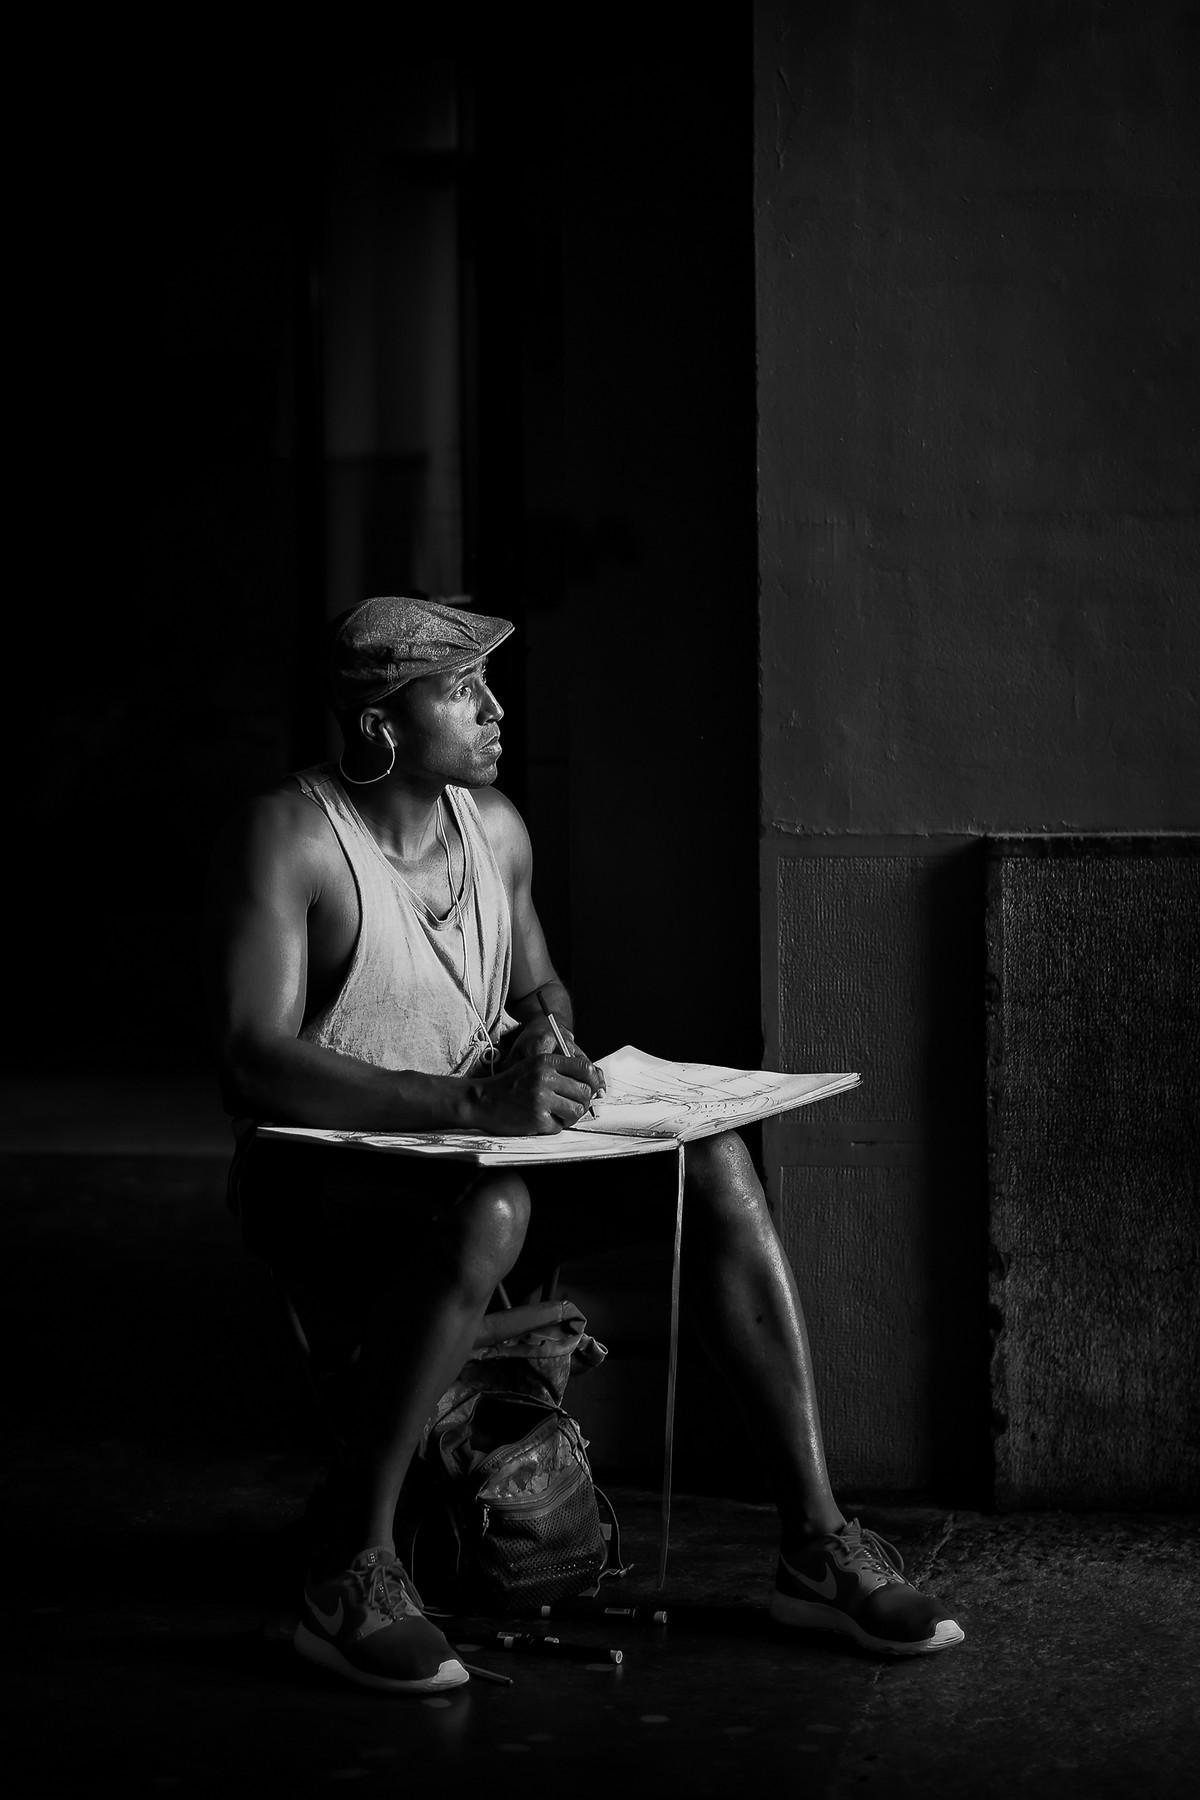 Городские уличные портреты. Автор Йенс Крауэр (5)